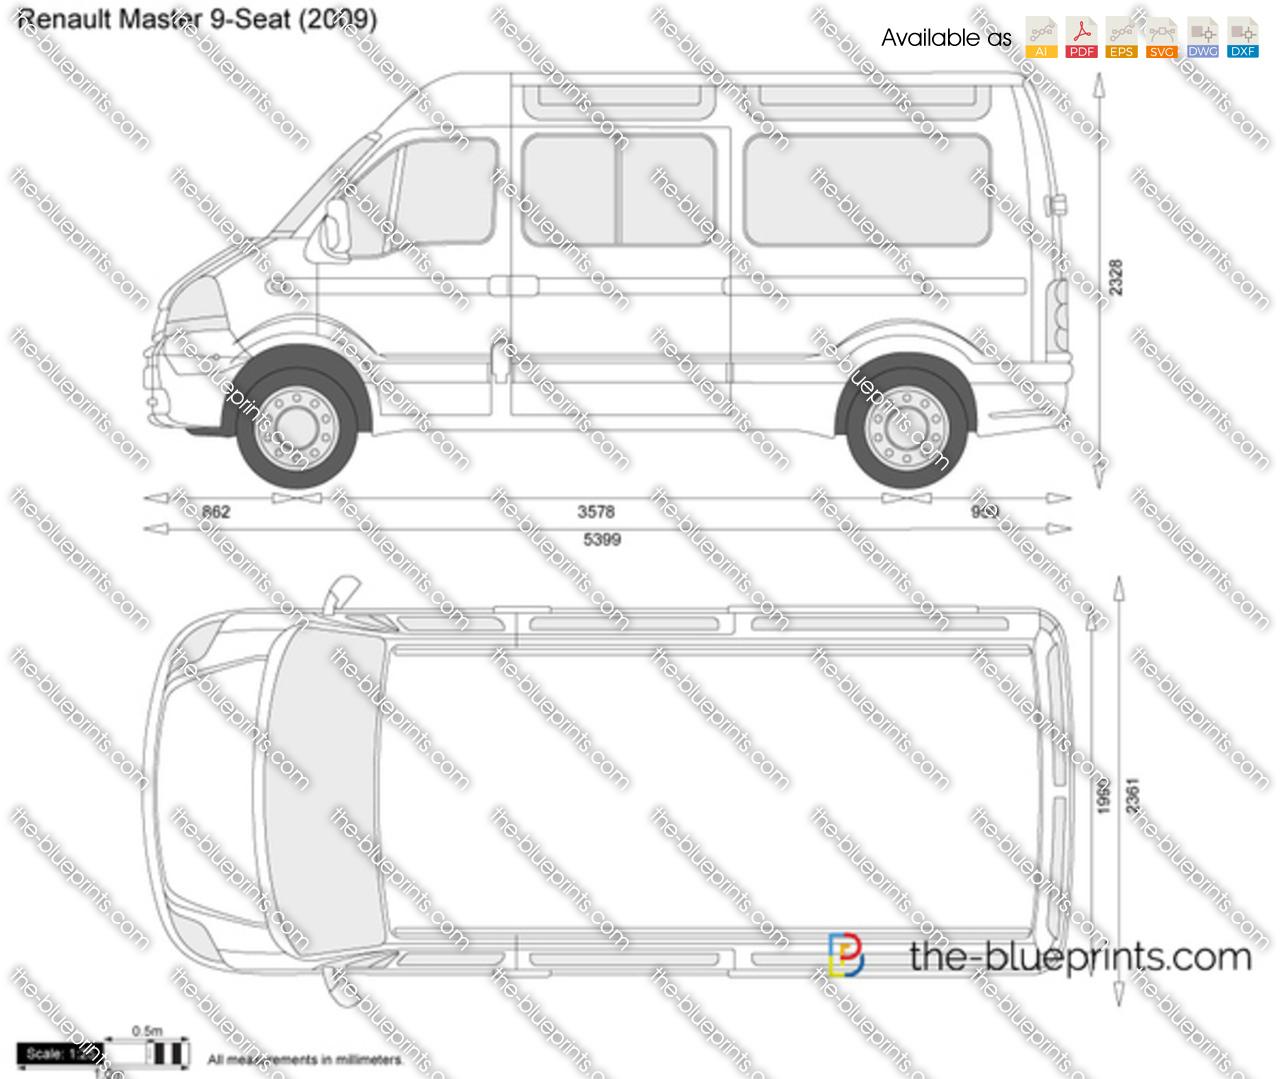 Renault Master 9-Seat 2004